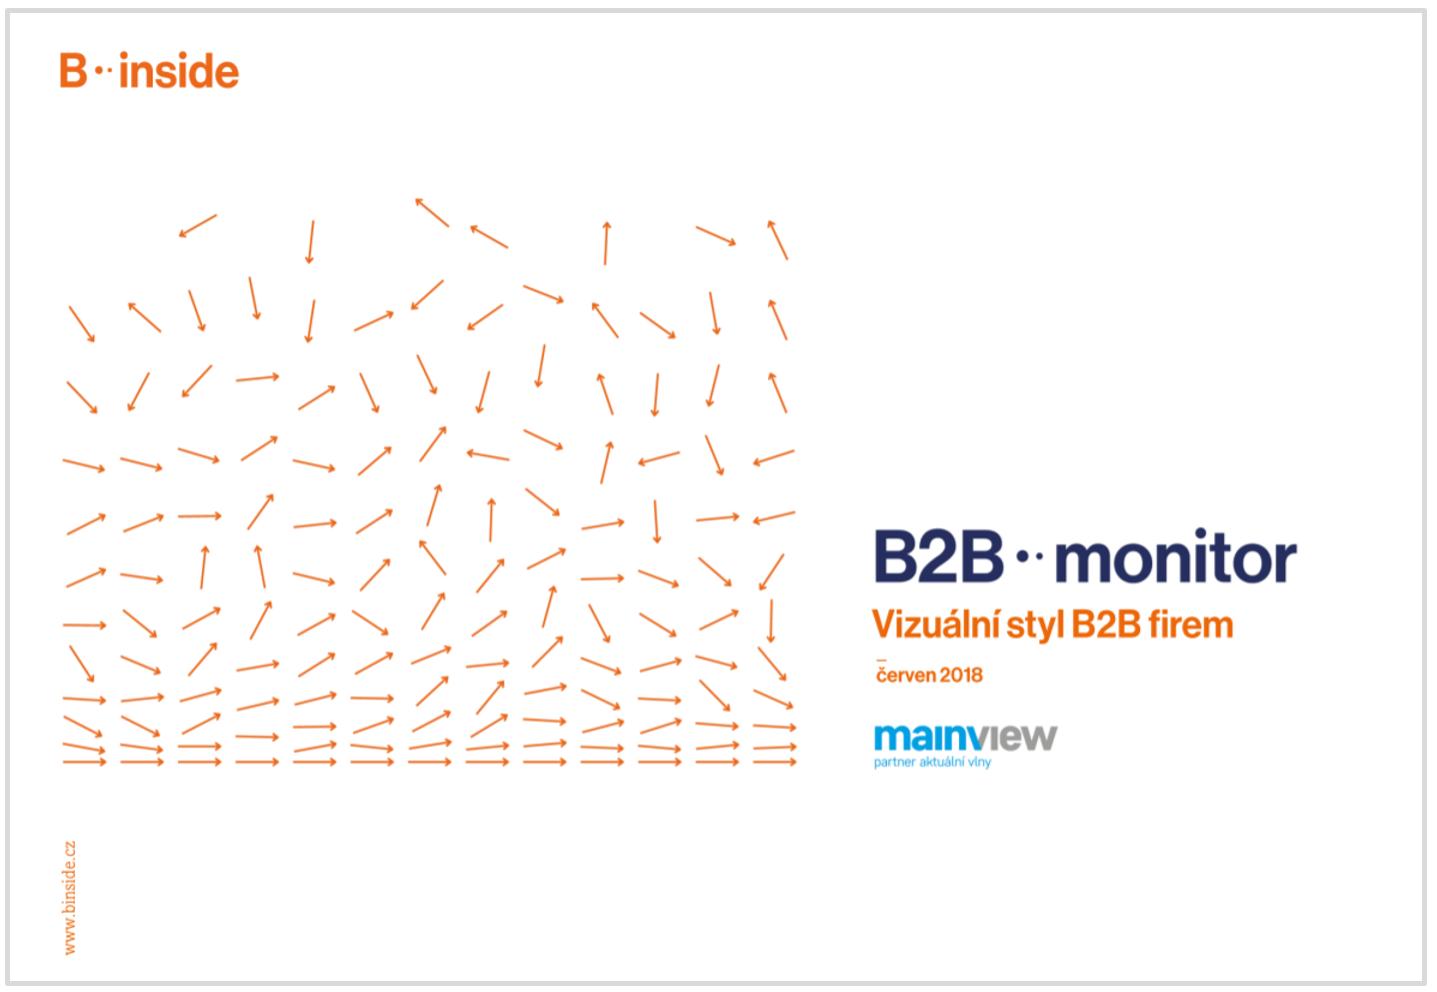 Studie - Vizuální styl B2B firem